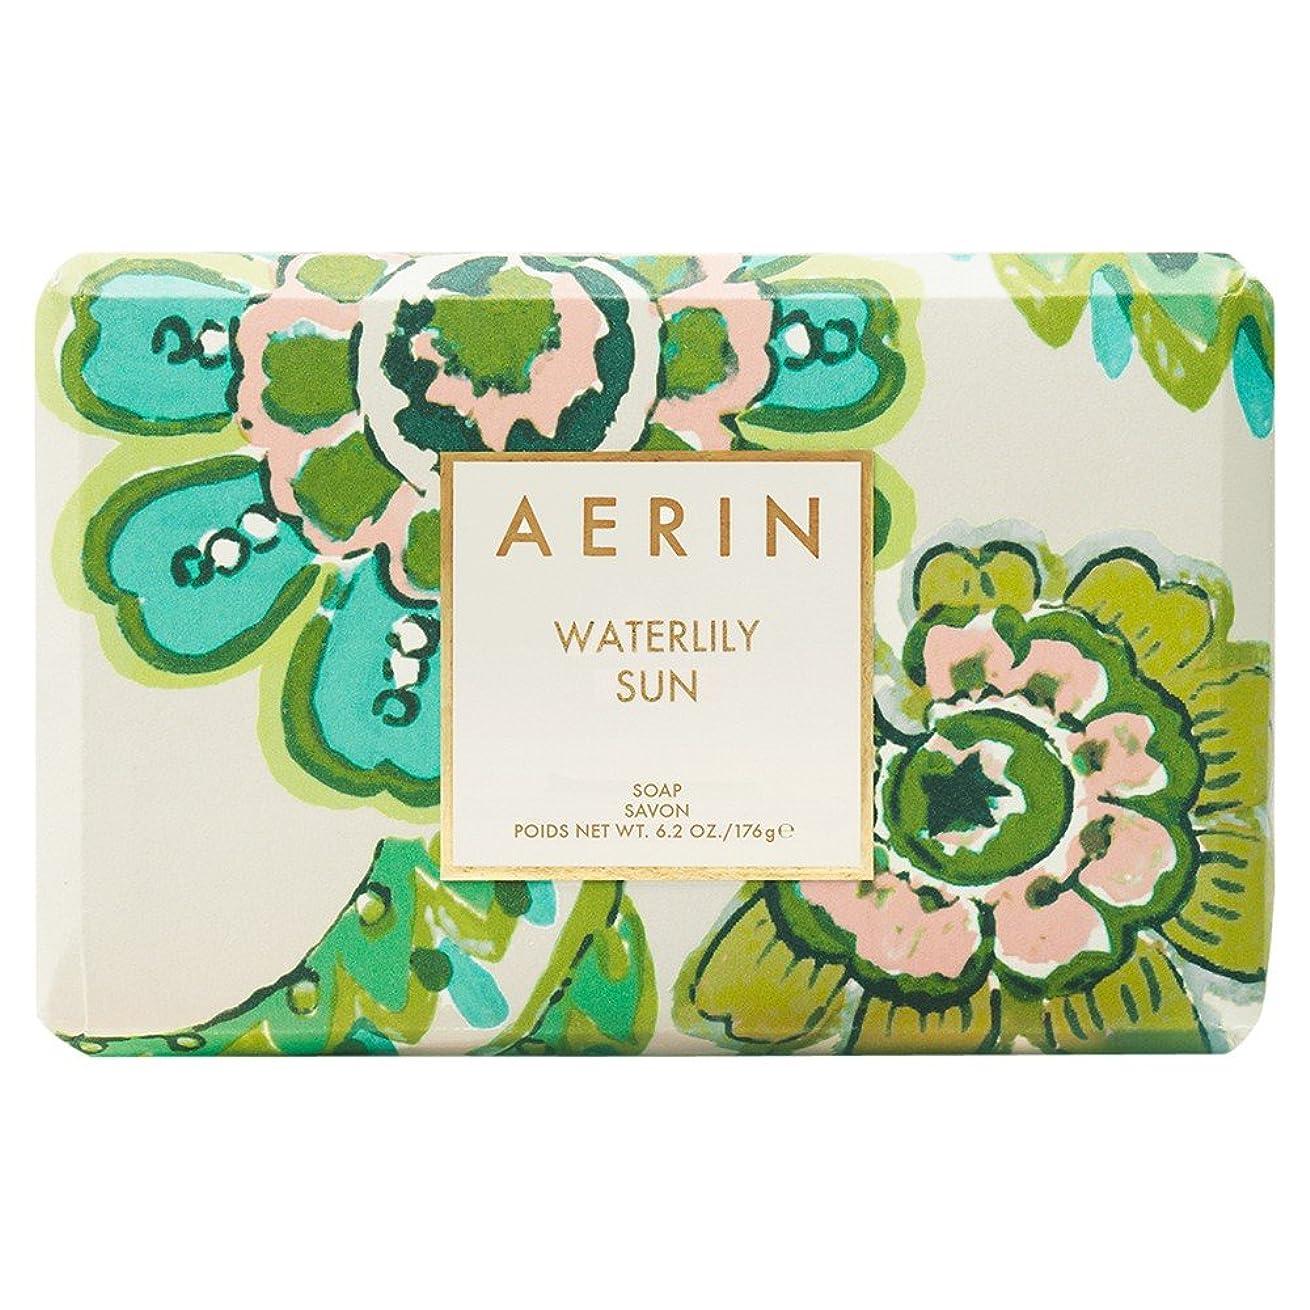 一元化する立ち寄るリフレッシュAerinスイレン日石鹸176グラム (AERIN) - AERIN Waterlily Sun Soap 176g [並行輸入品]